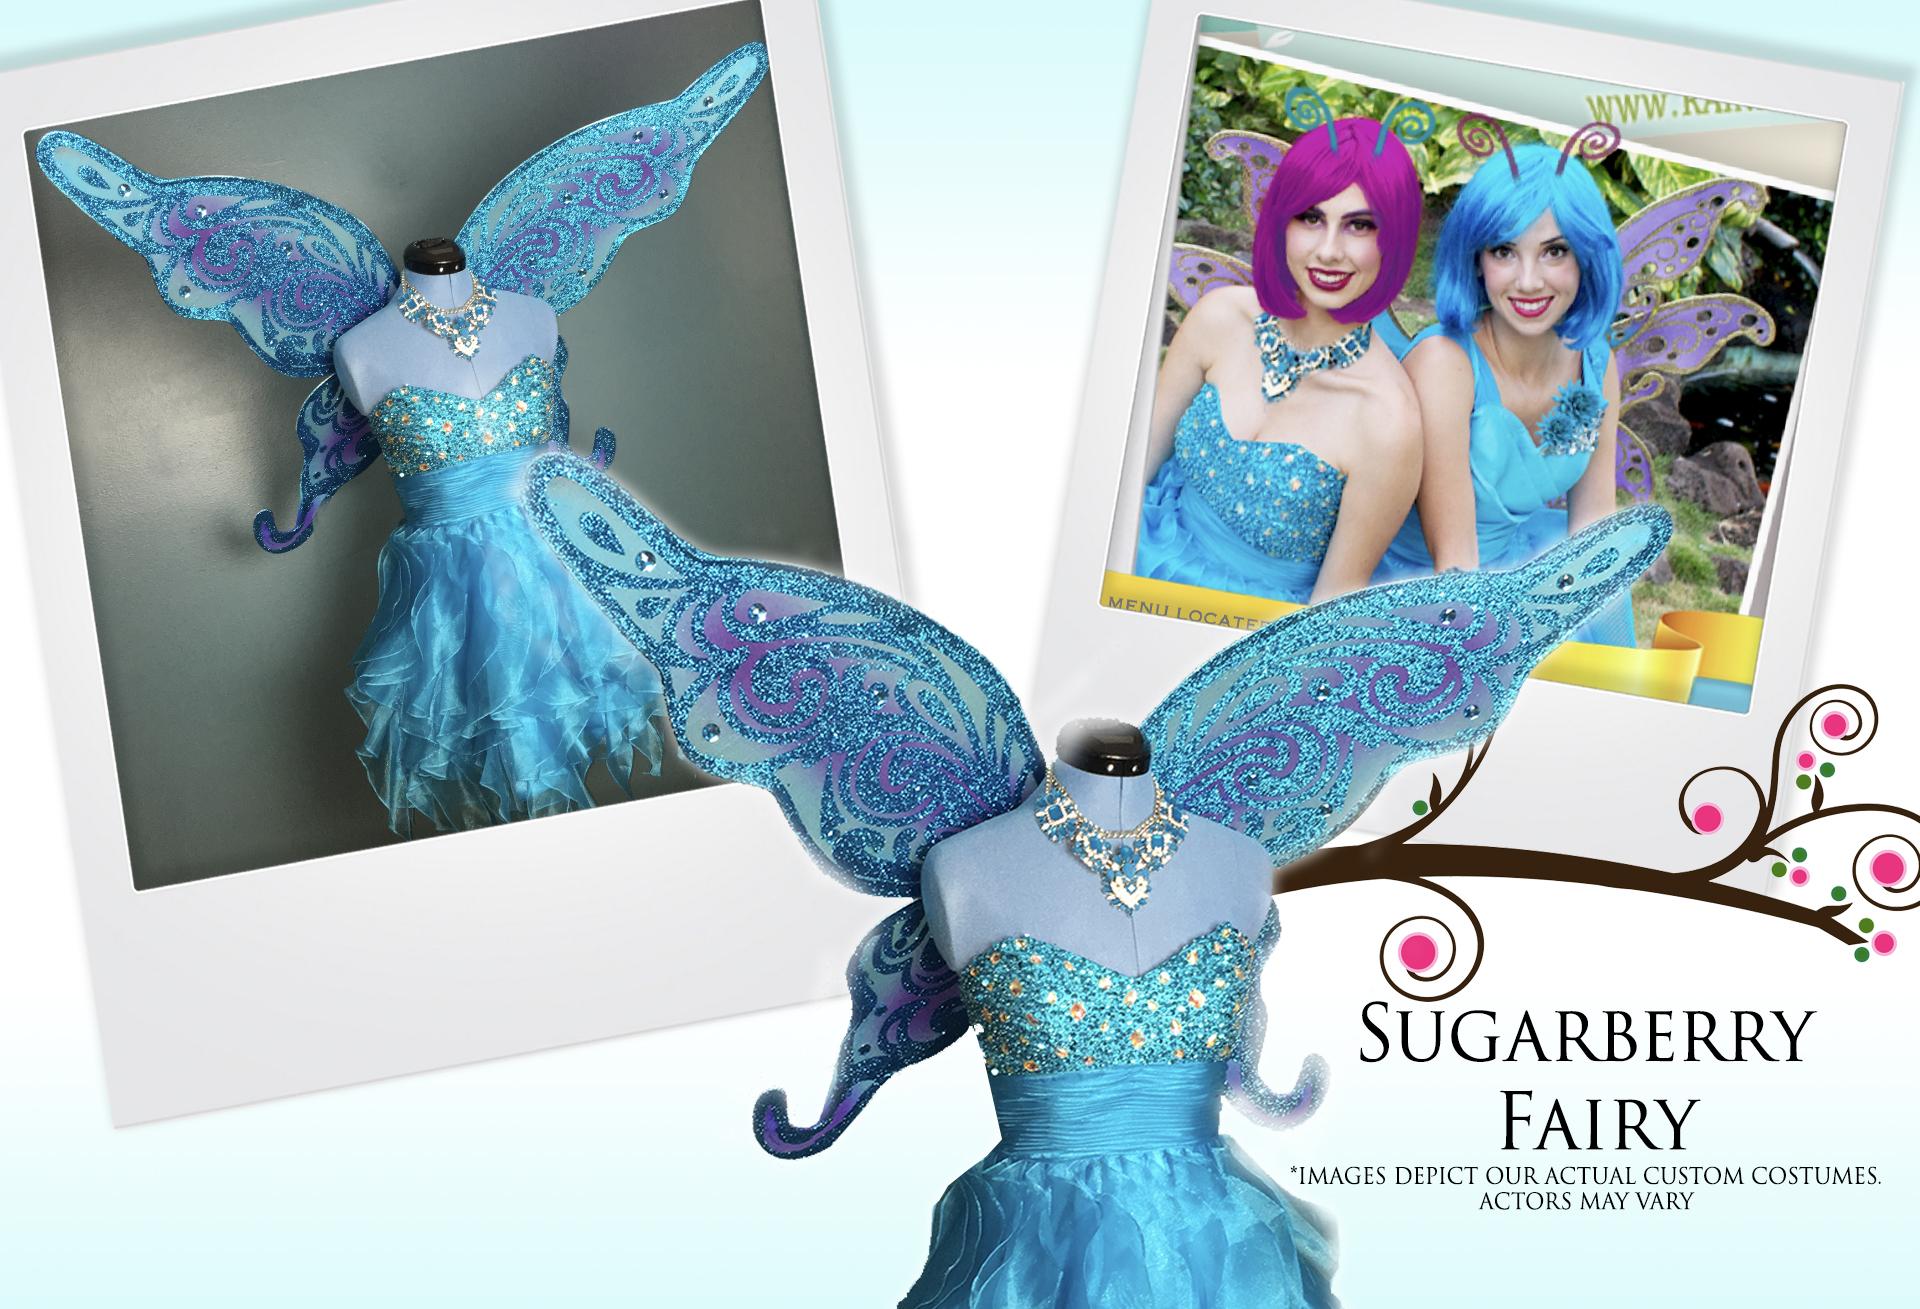 Sugarberry Fairy